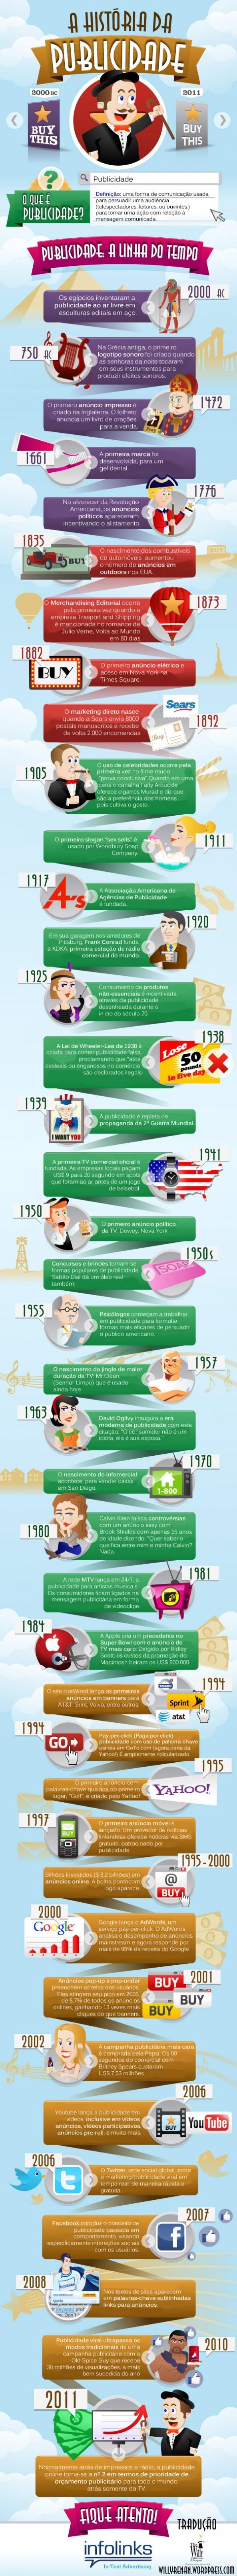 A História da Publicidade - definição, linha do tempo (desde 2000 A.C.) e os principais pontos da publicidade no Brasil e no mundo até a época das Mídias Sociais.